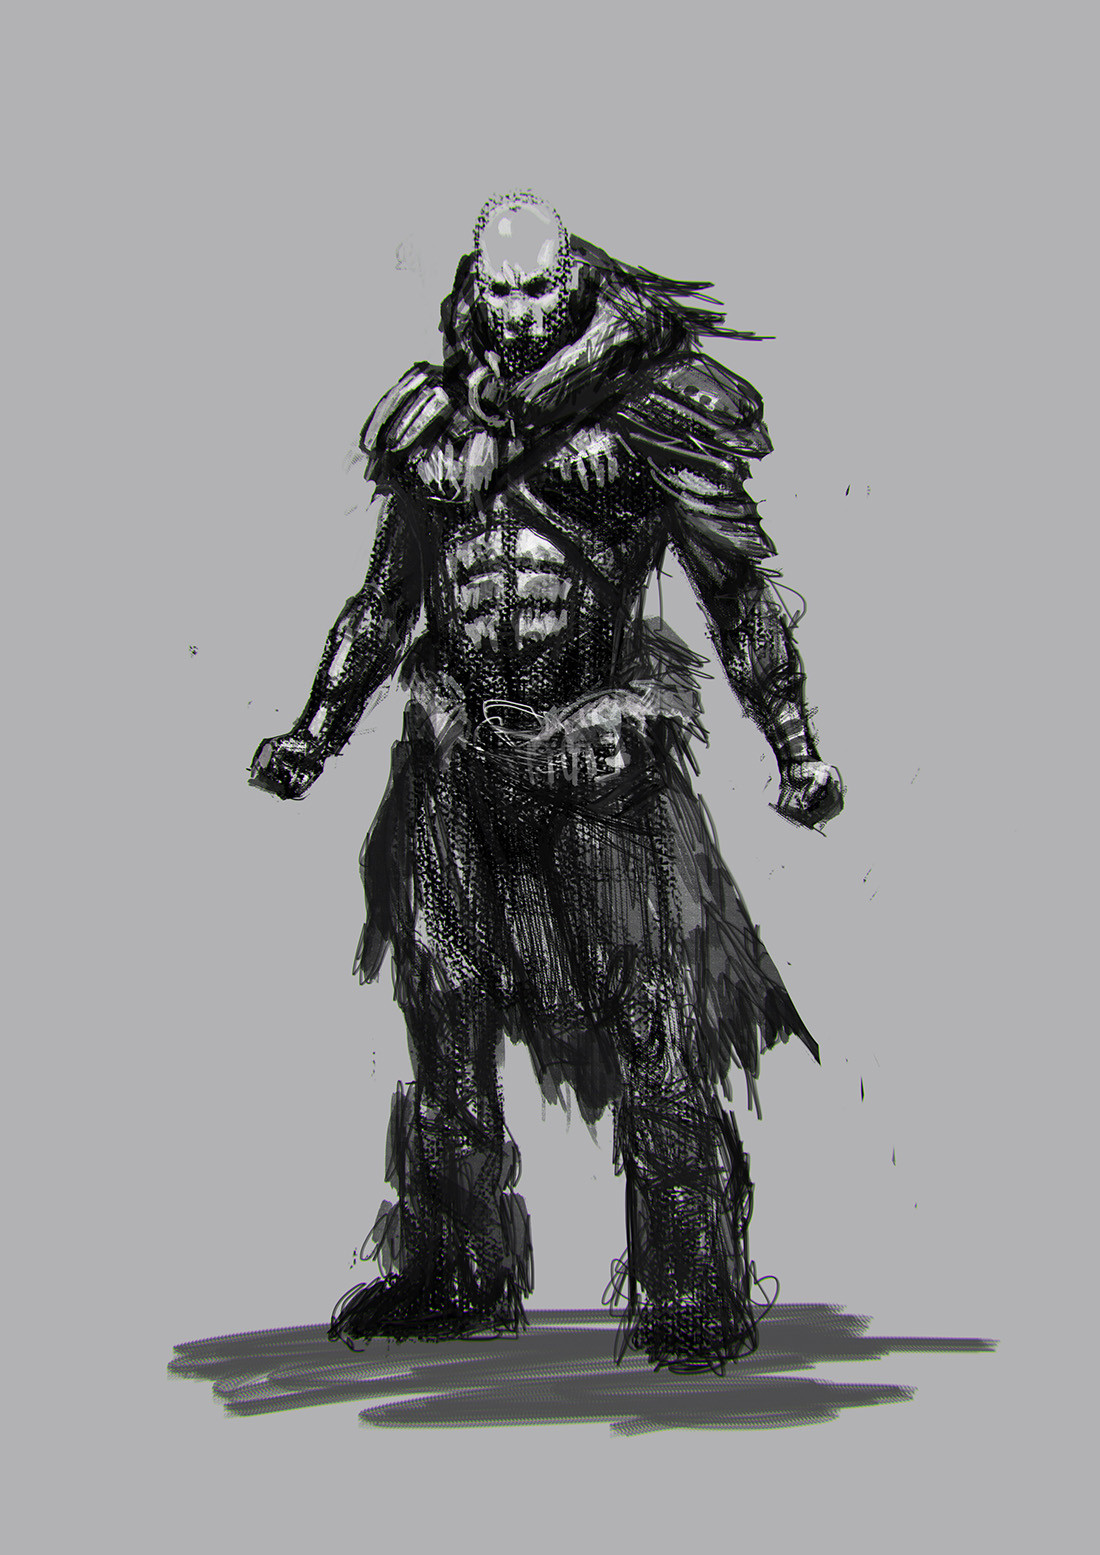 Andrei riabovitchev kaulder armor clothing v001 001